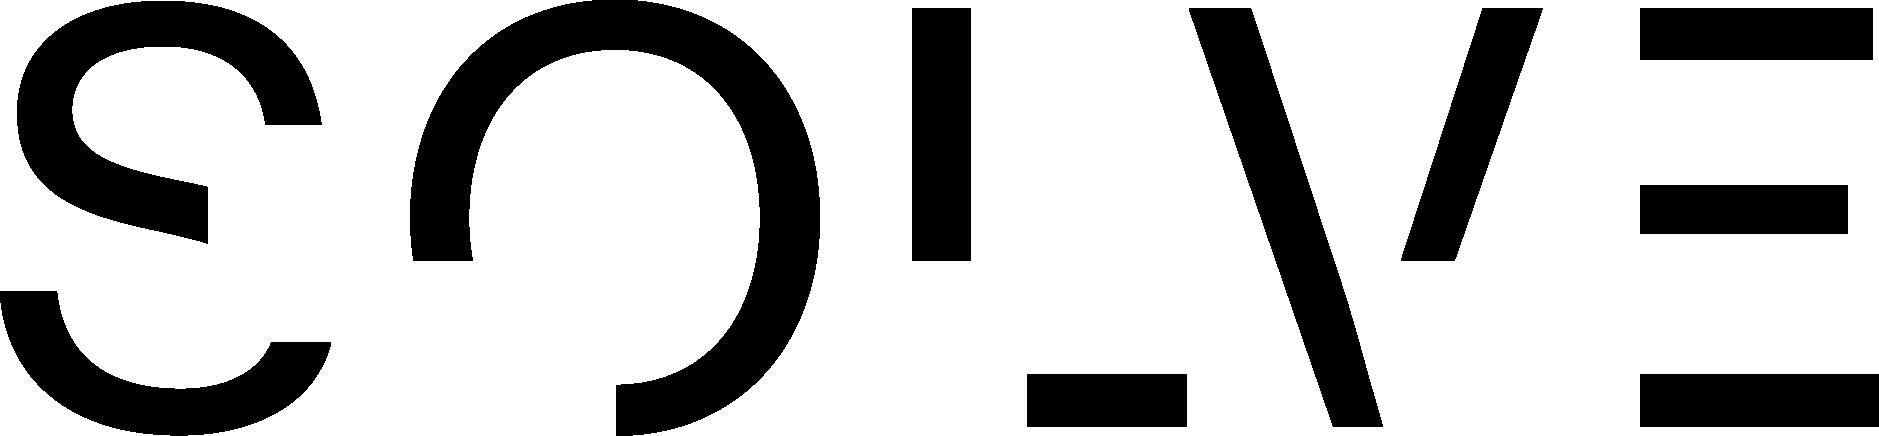 MIT Solve logo